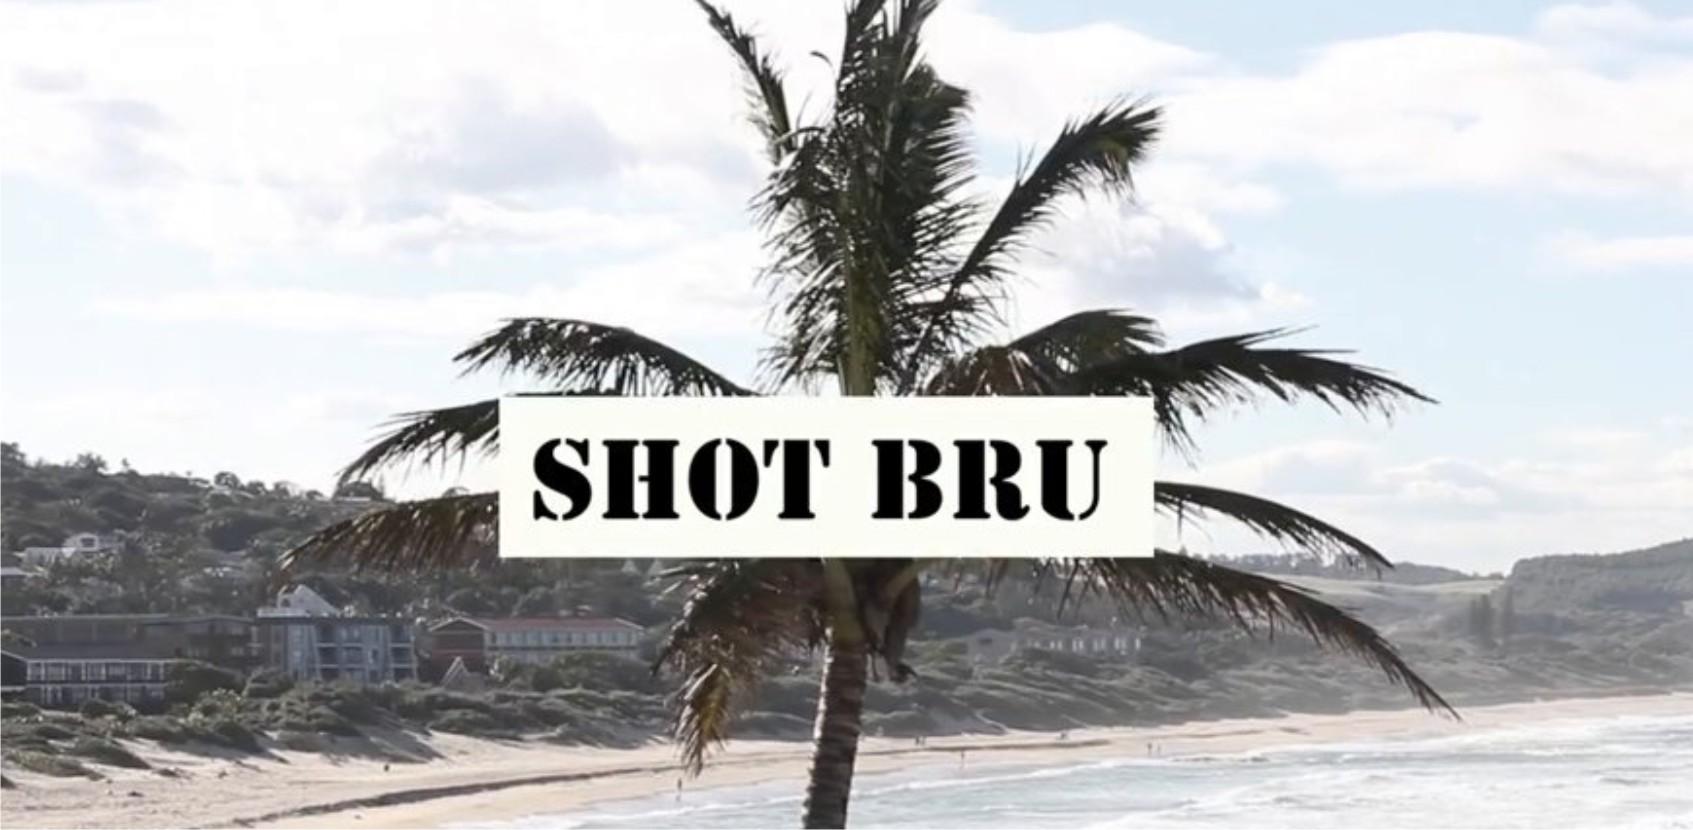 Shot Bru Quiksliver athlete surfing video